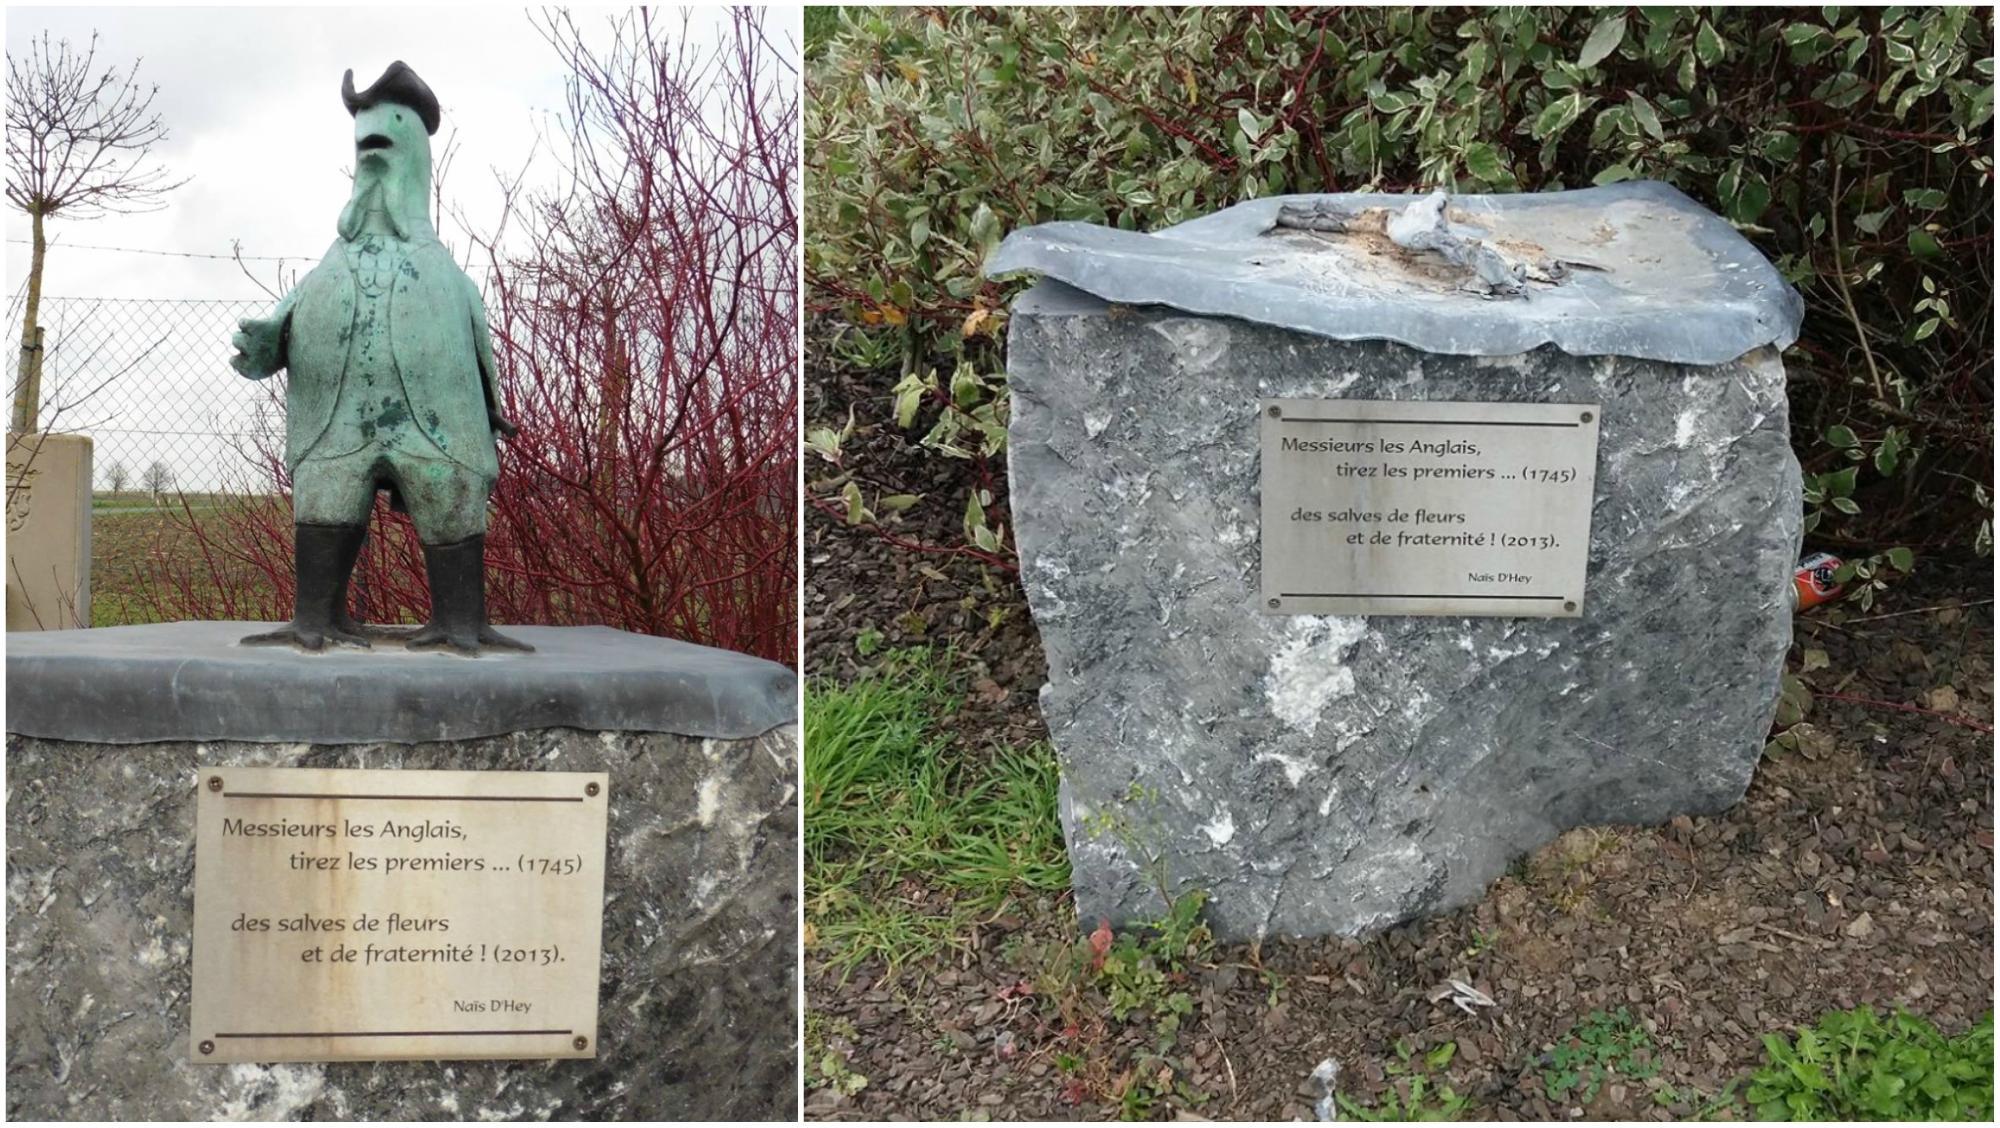 Qui a volé le coq du cimetière de Fontenoy ?